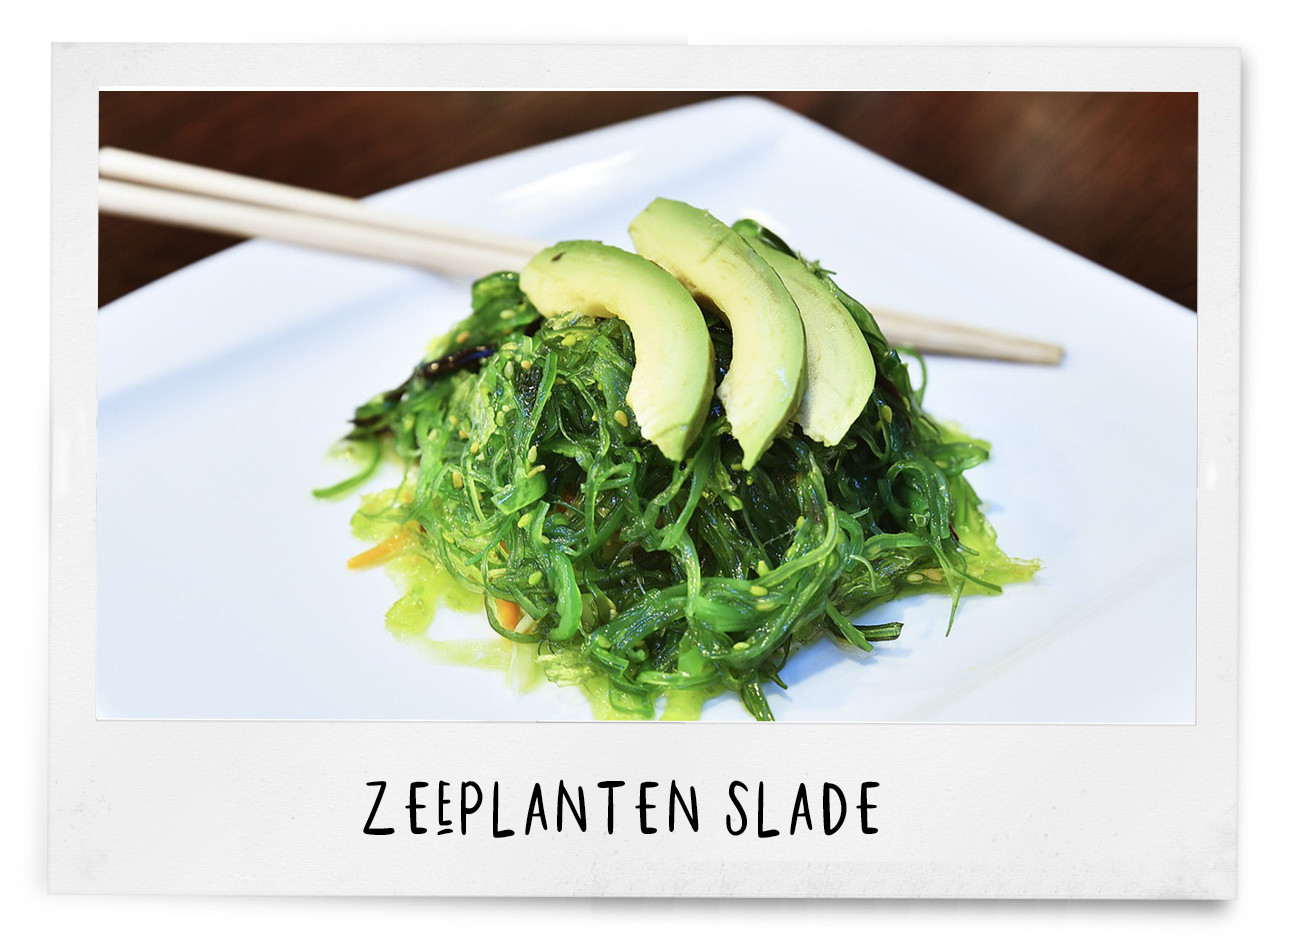 zeeplanten salade met avocado